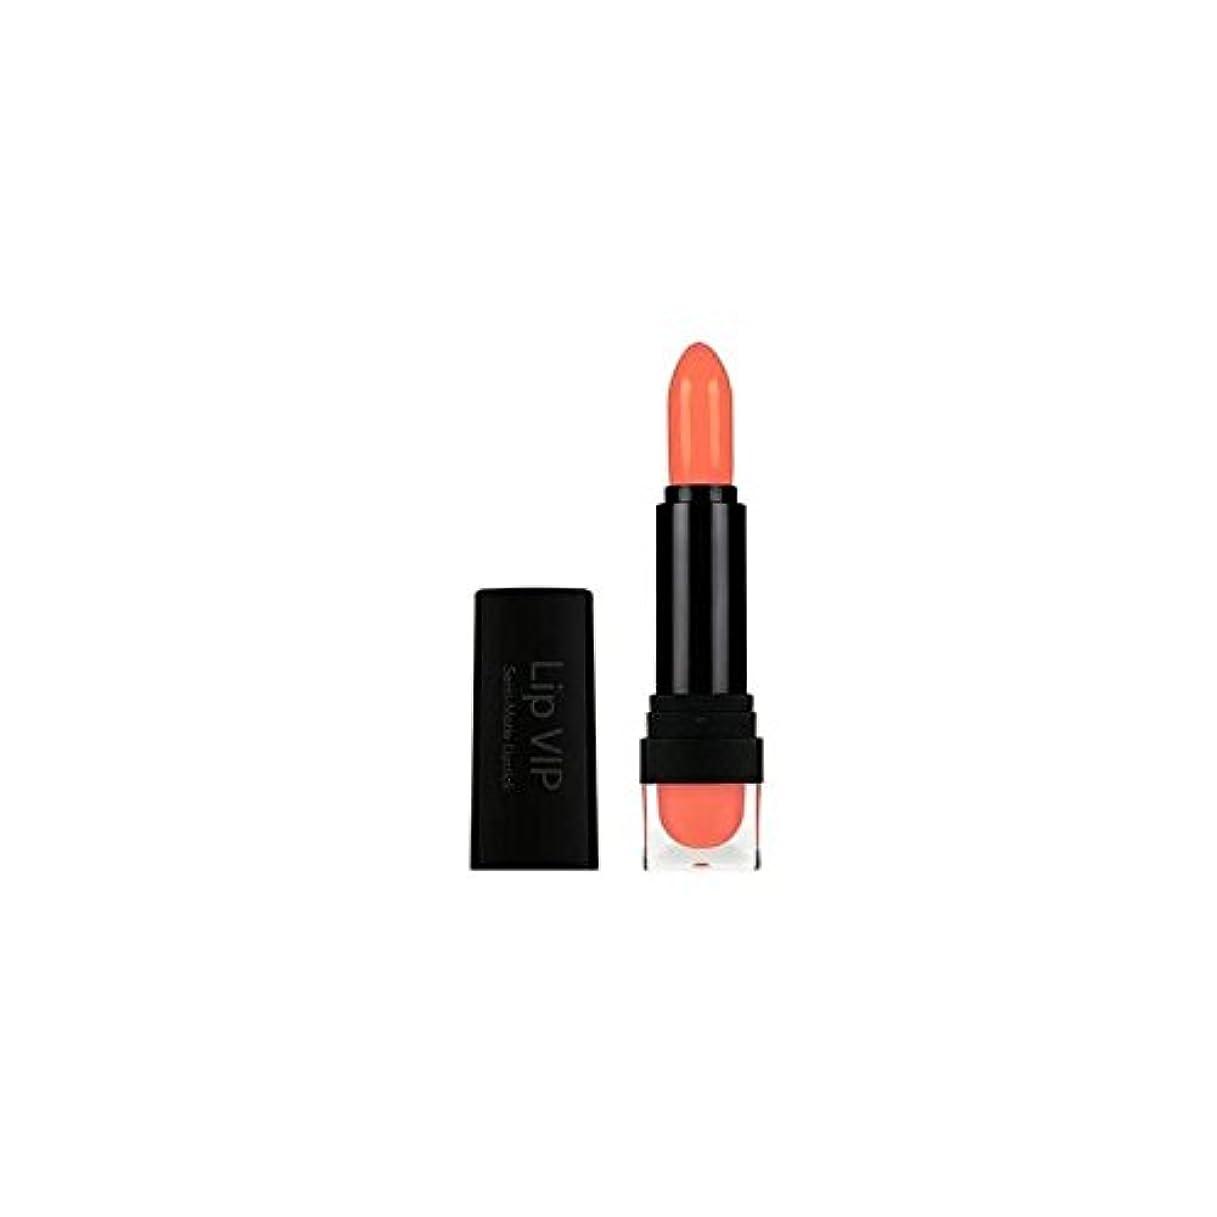 なめらかな気まぐれなコレクションリップ..ファンシーパンツ x2 - Sleek Whimsical Collection Lip V.I.P Fancy Pants (Pack of 2) [並行輸入品]